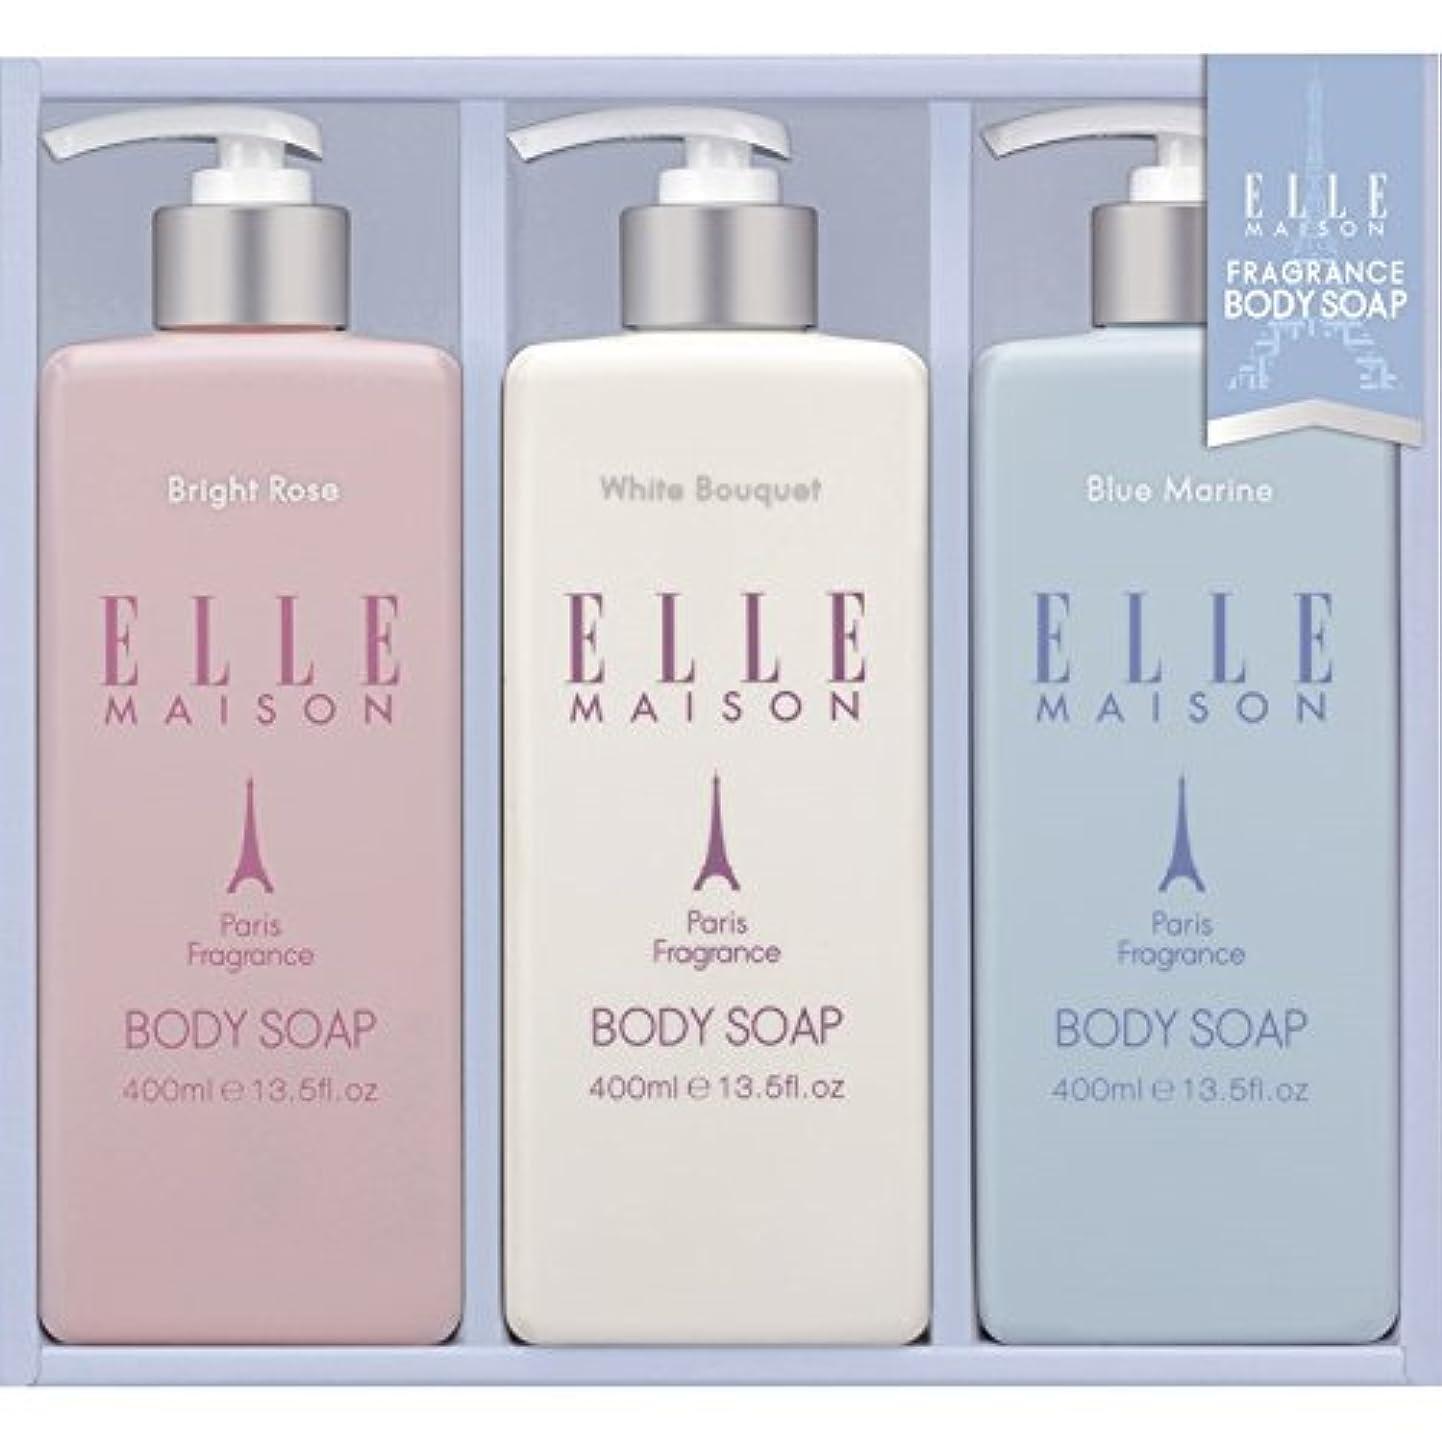 番号聖域今日ELLE MAISON ボディソープギフト EBS-15 【保湿 いい匂い うるおい 液体 しっとり 良い香り やさしい 女性 贅沢 全身 美肌 詰め合わせ お風呂 バスタイム 洗う 美容】